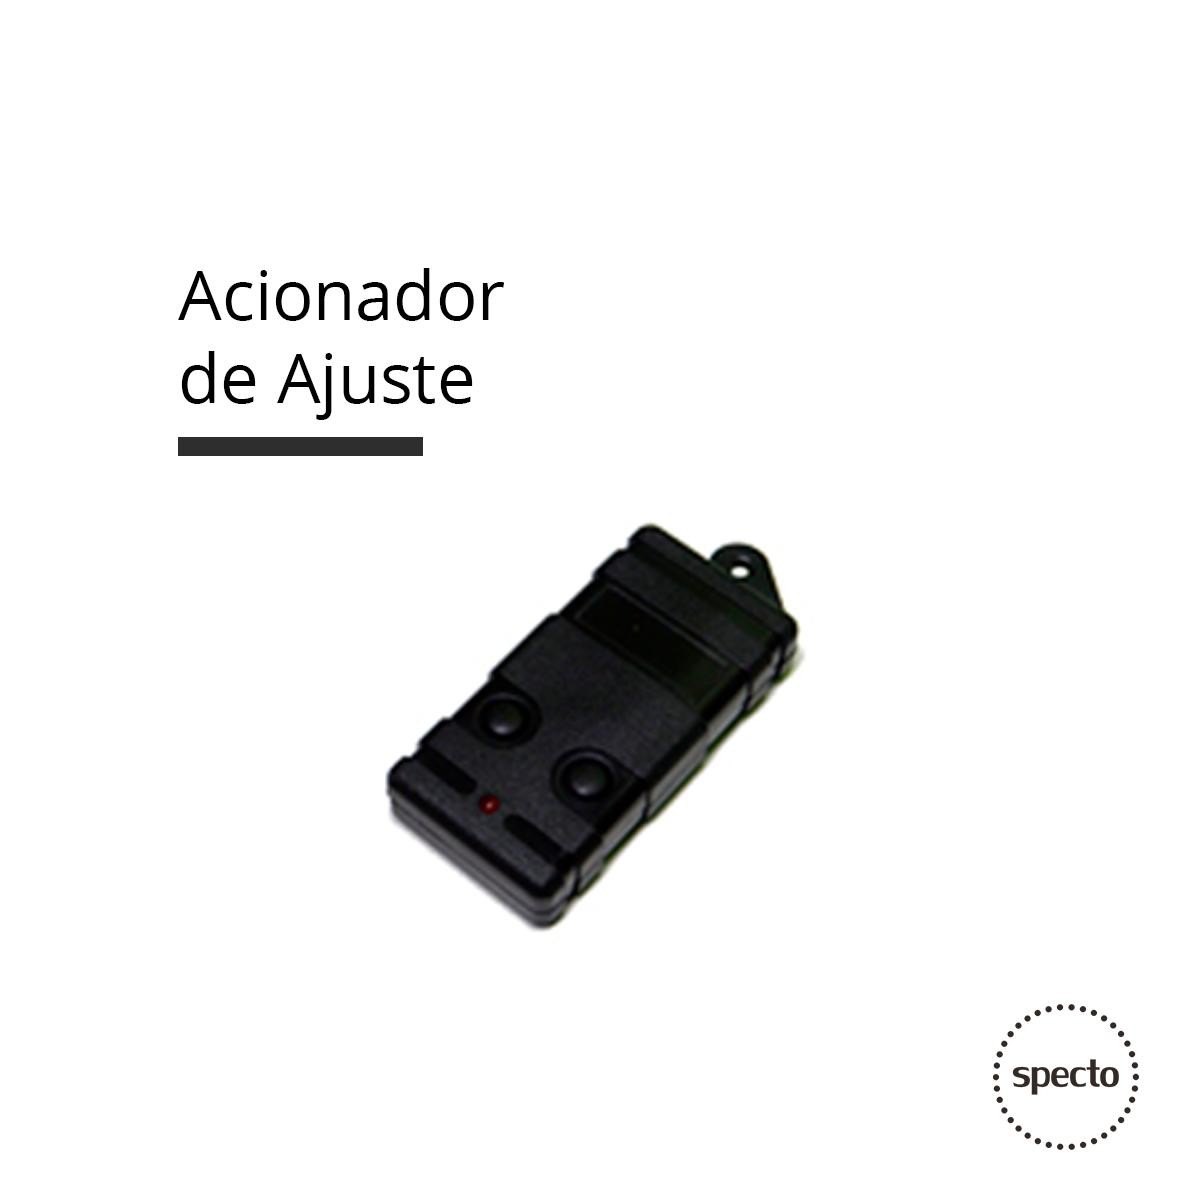 Acionador de Ajuste via RF (Controle Remoto)  -  Specto Tecnologia